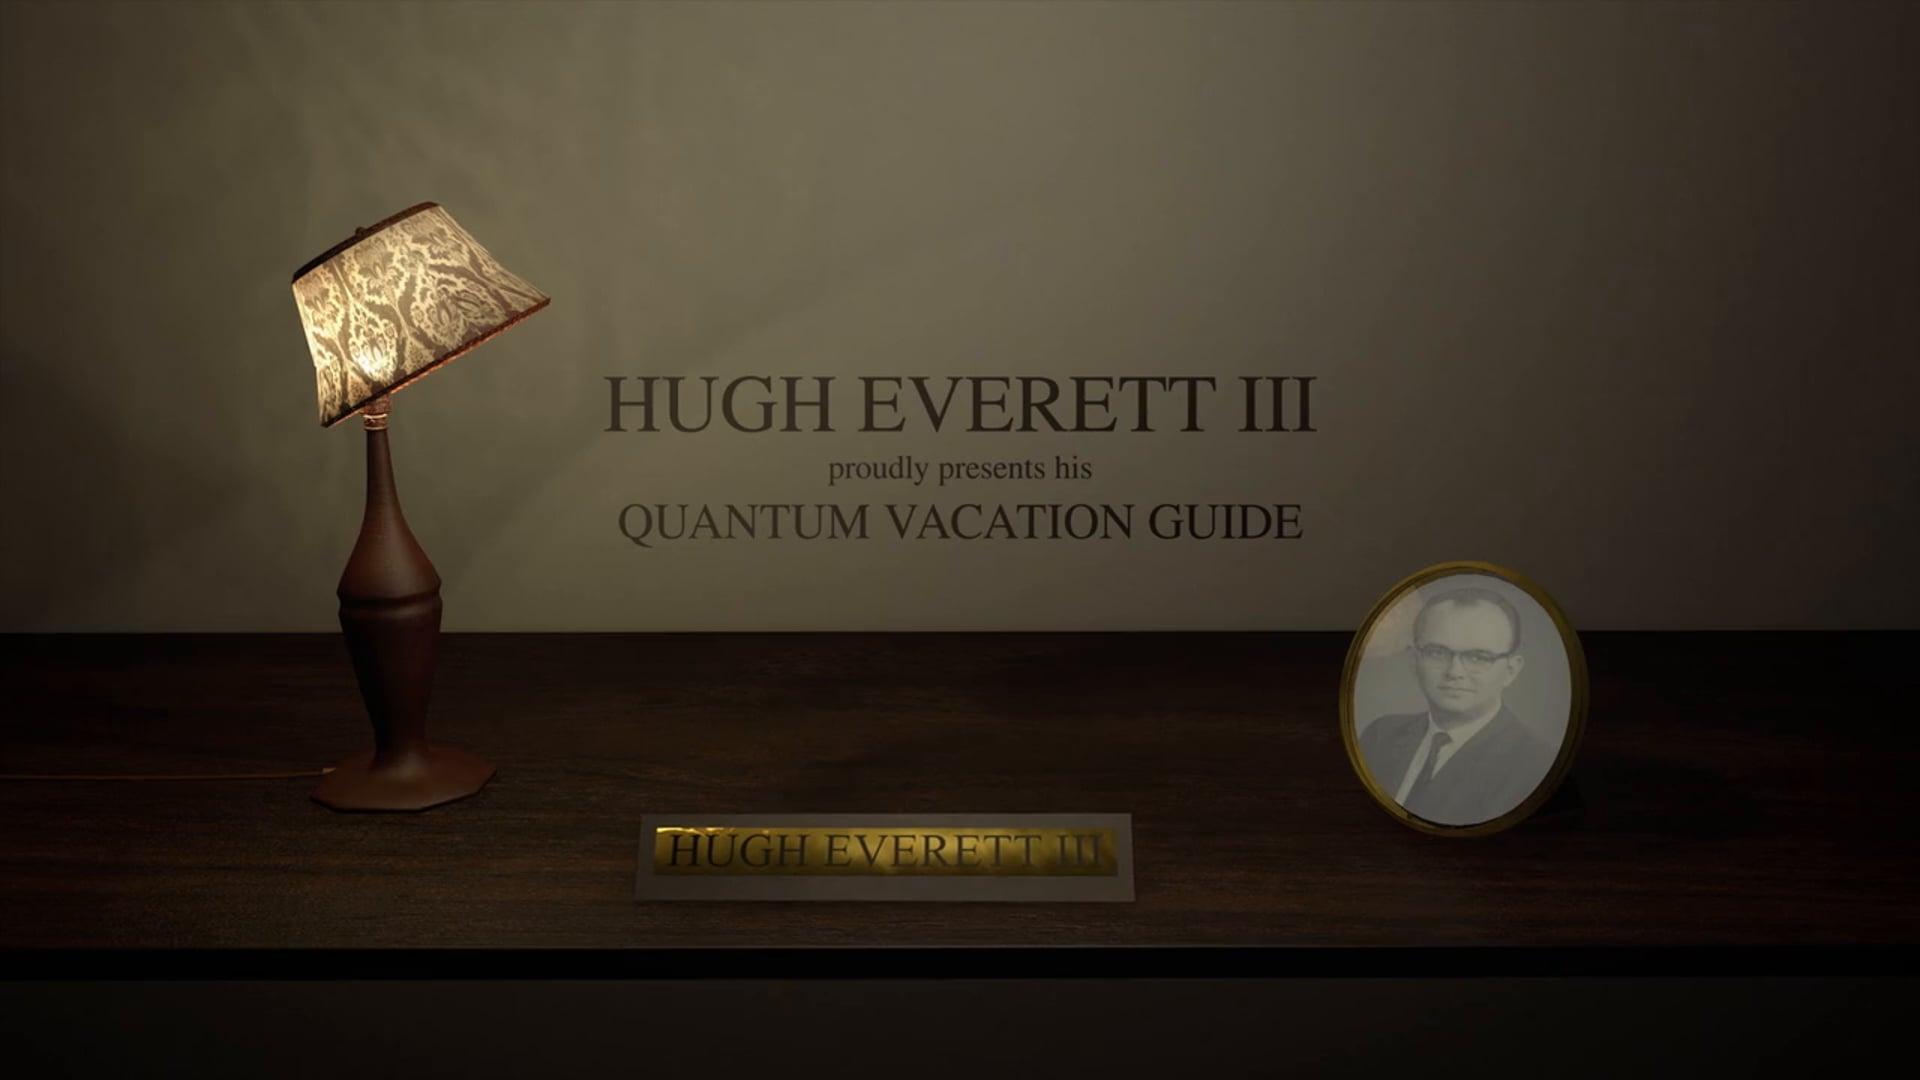 HUGH EVERETT III presents his QUANTUM VACATION GUIDE